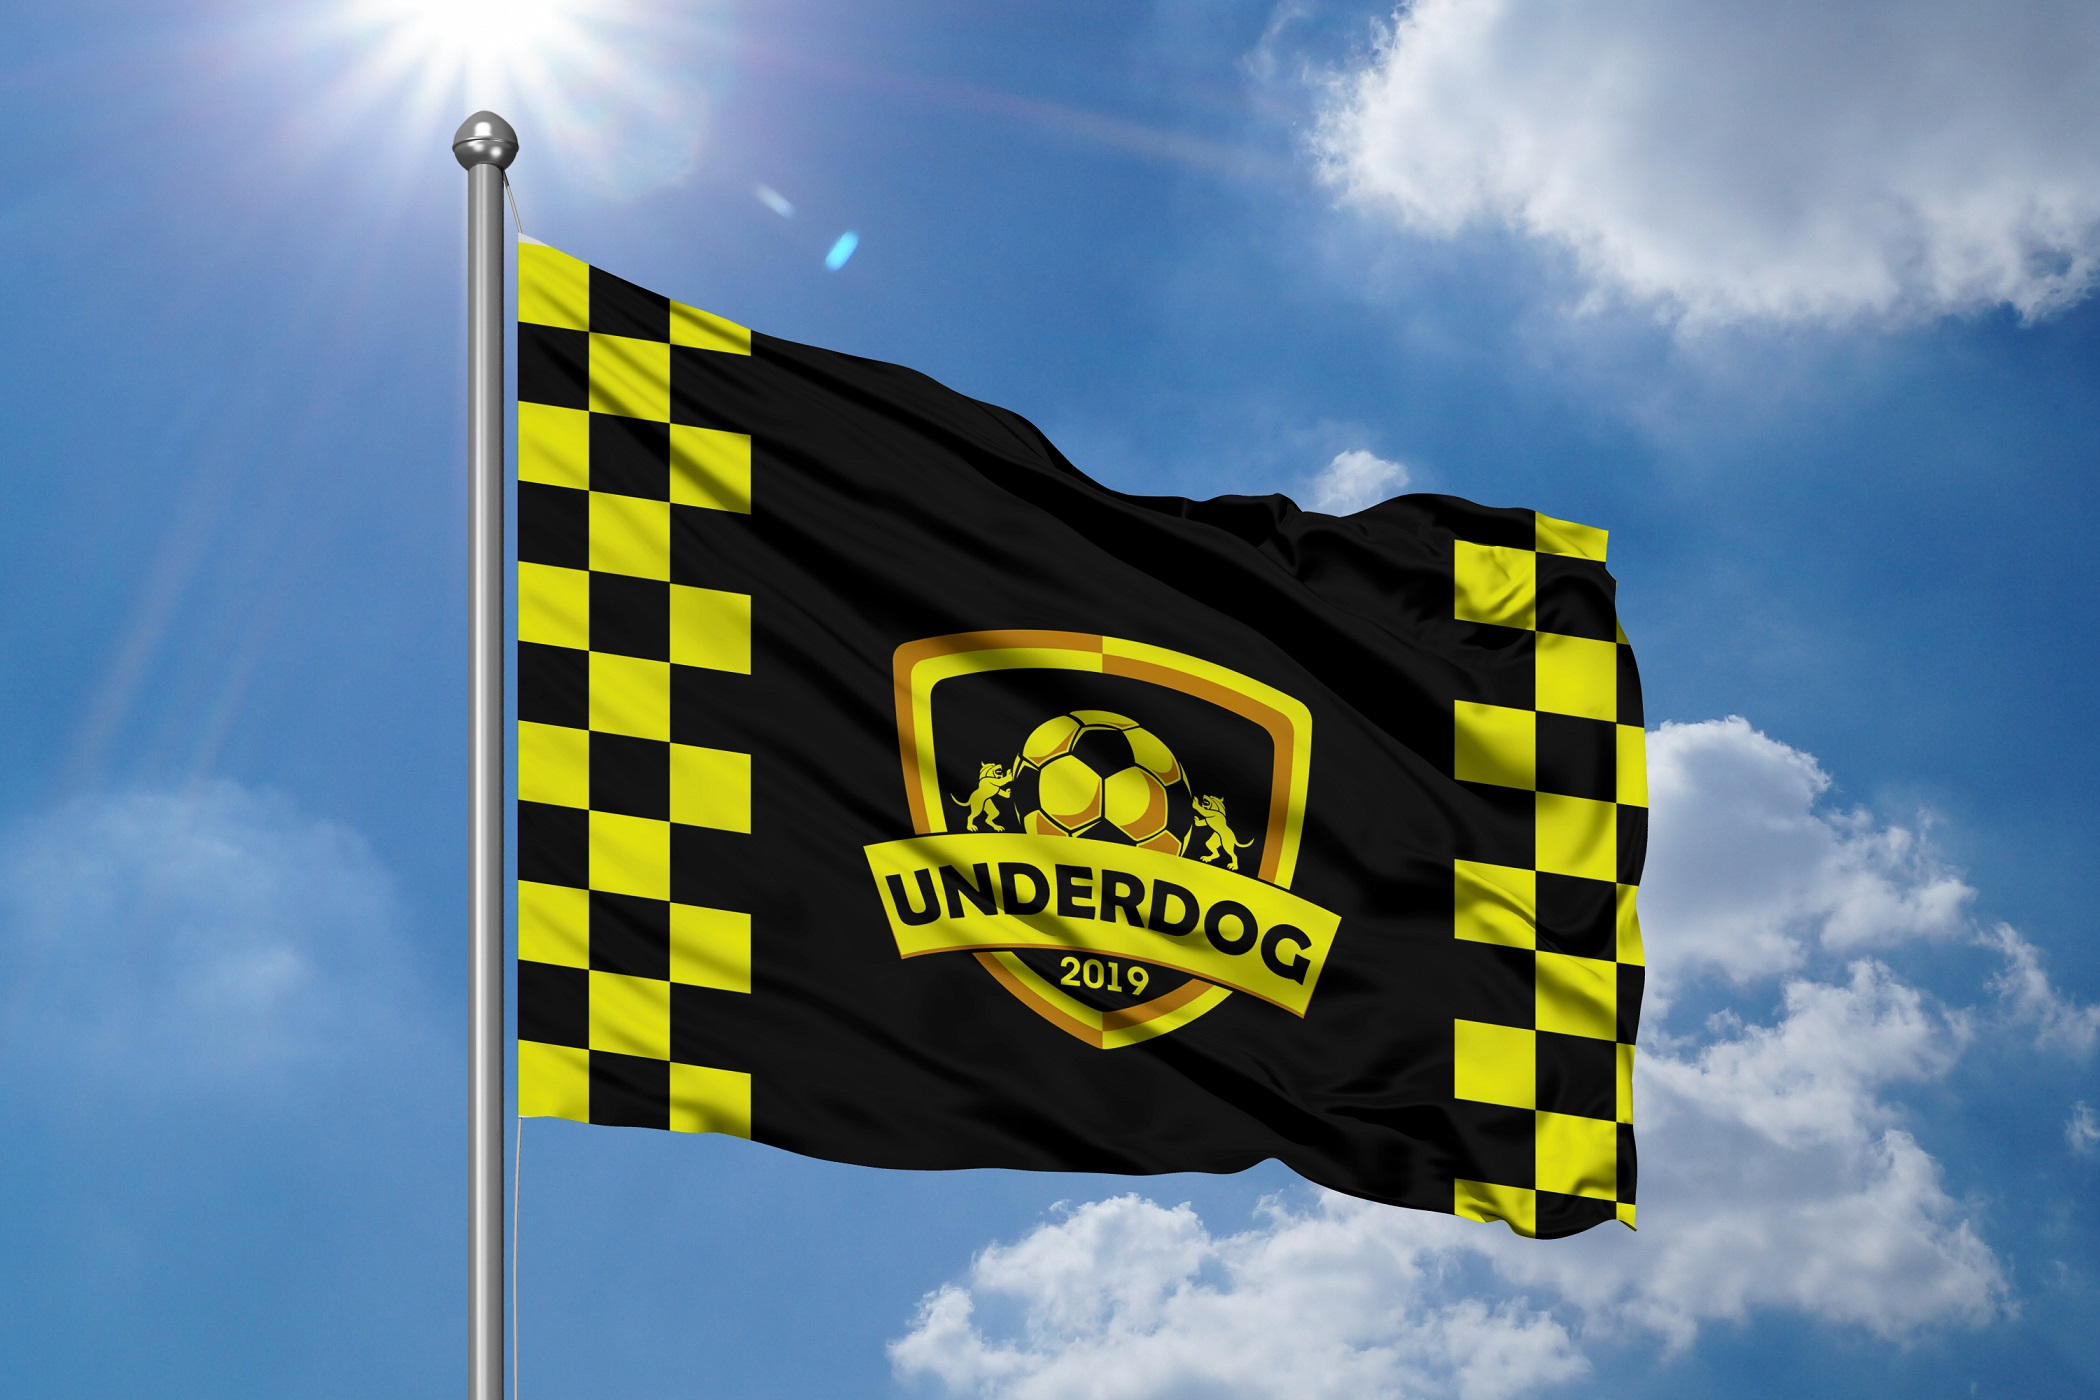 Футбольный клуб UNDERDOG - разработать фирстиль и бренд-бук фото f_0385cb1d6da5689e.jpg